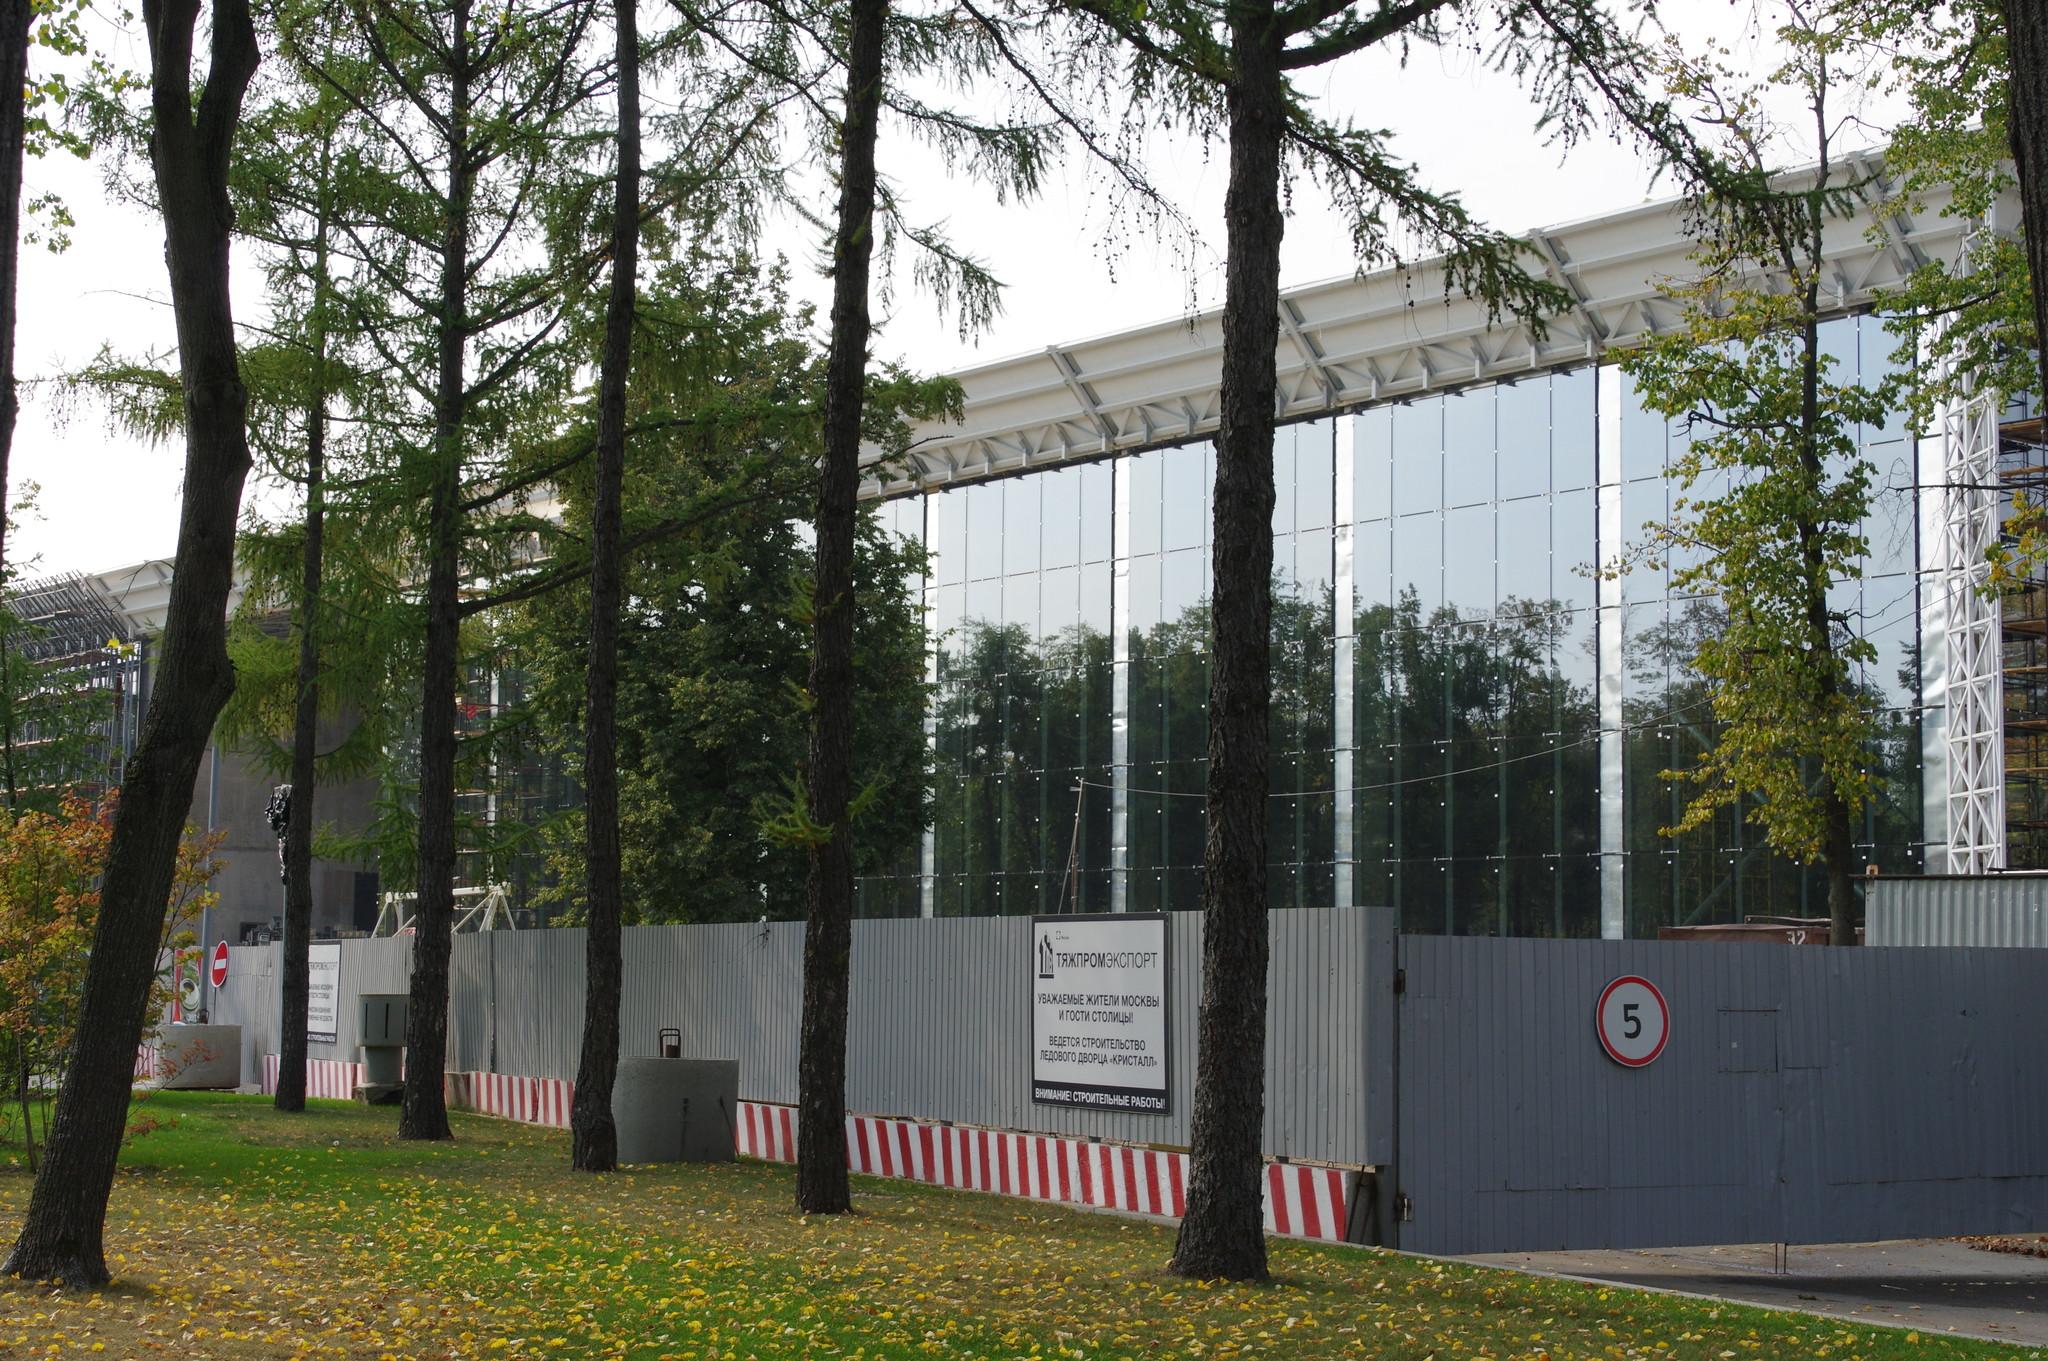 Cтроительство ледового дворца «Кристалл» в «Лужниках»